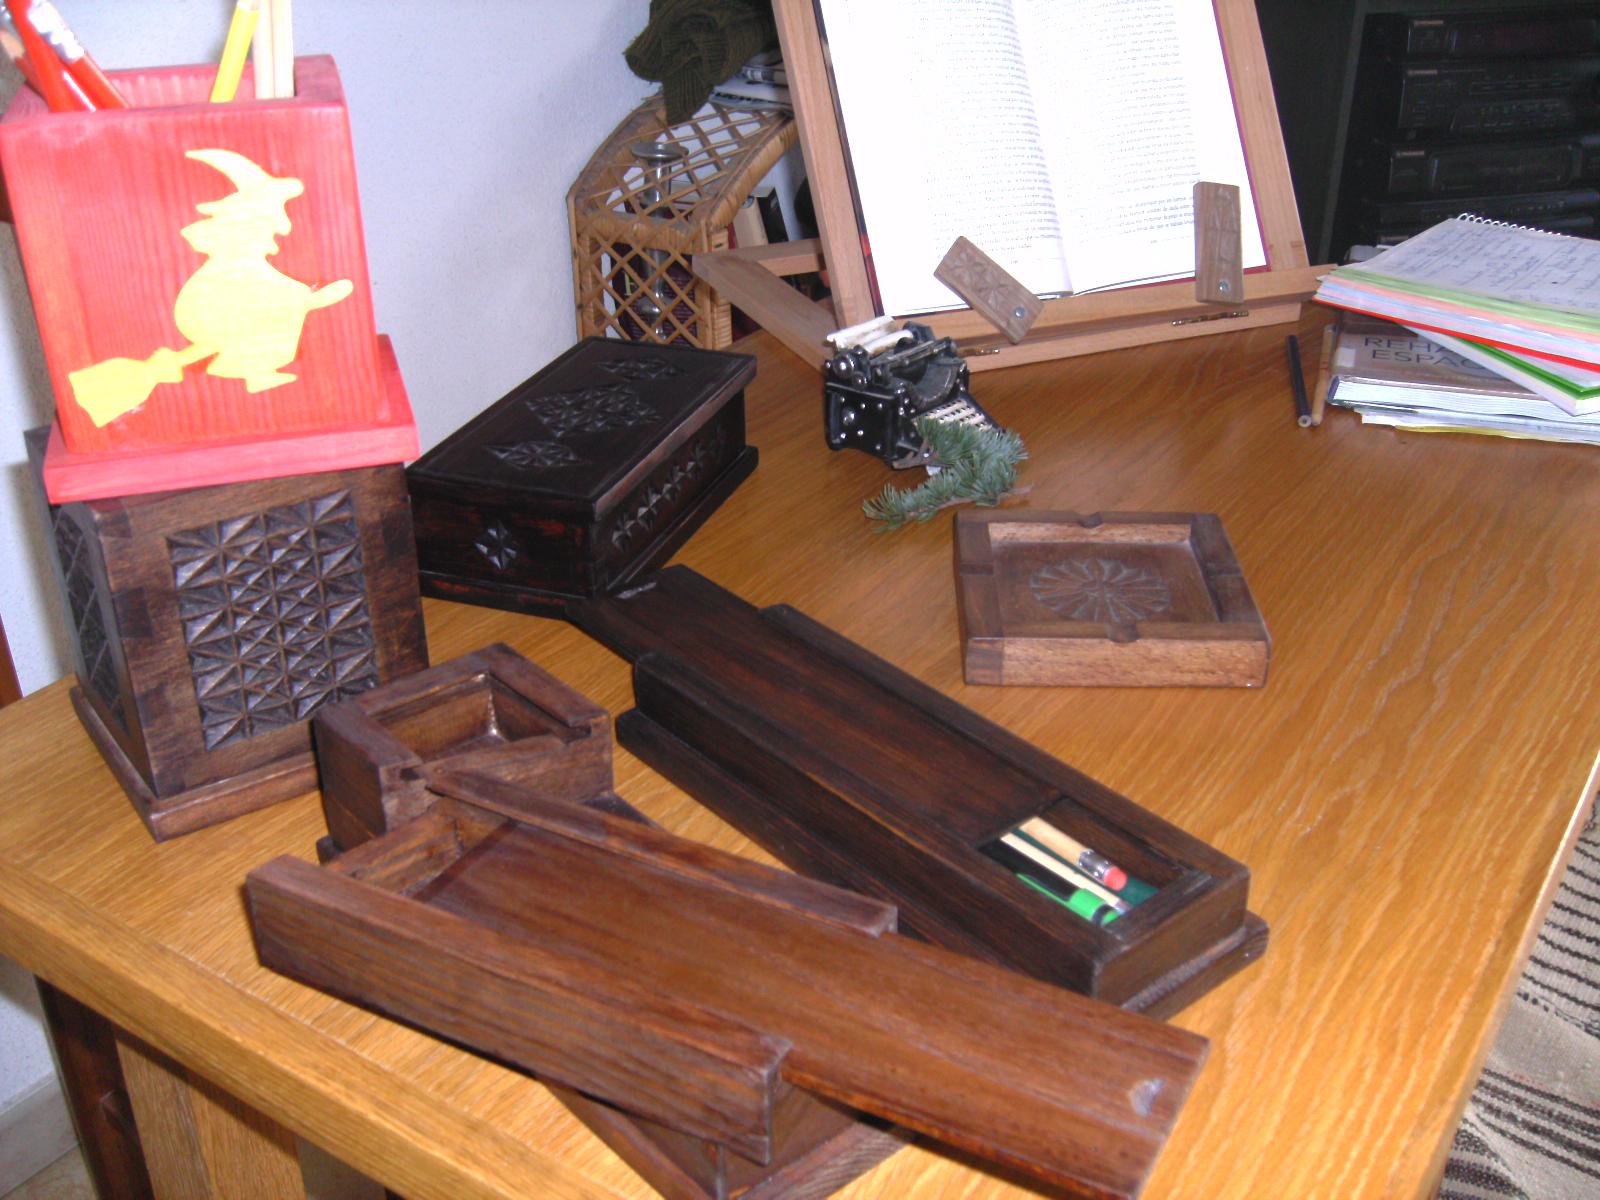 Objetos de escritorio en madera fotos - Como decorar un joyero de madera ...